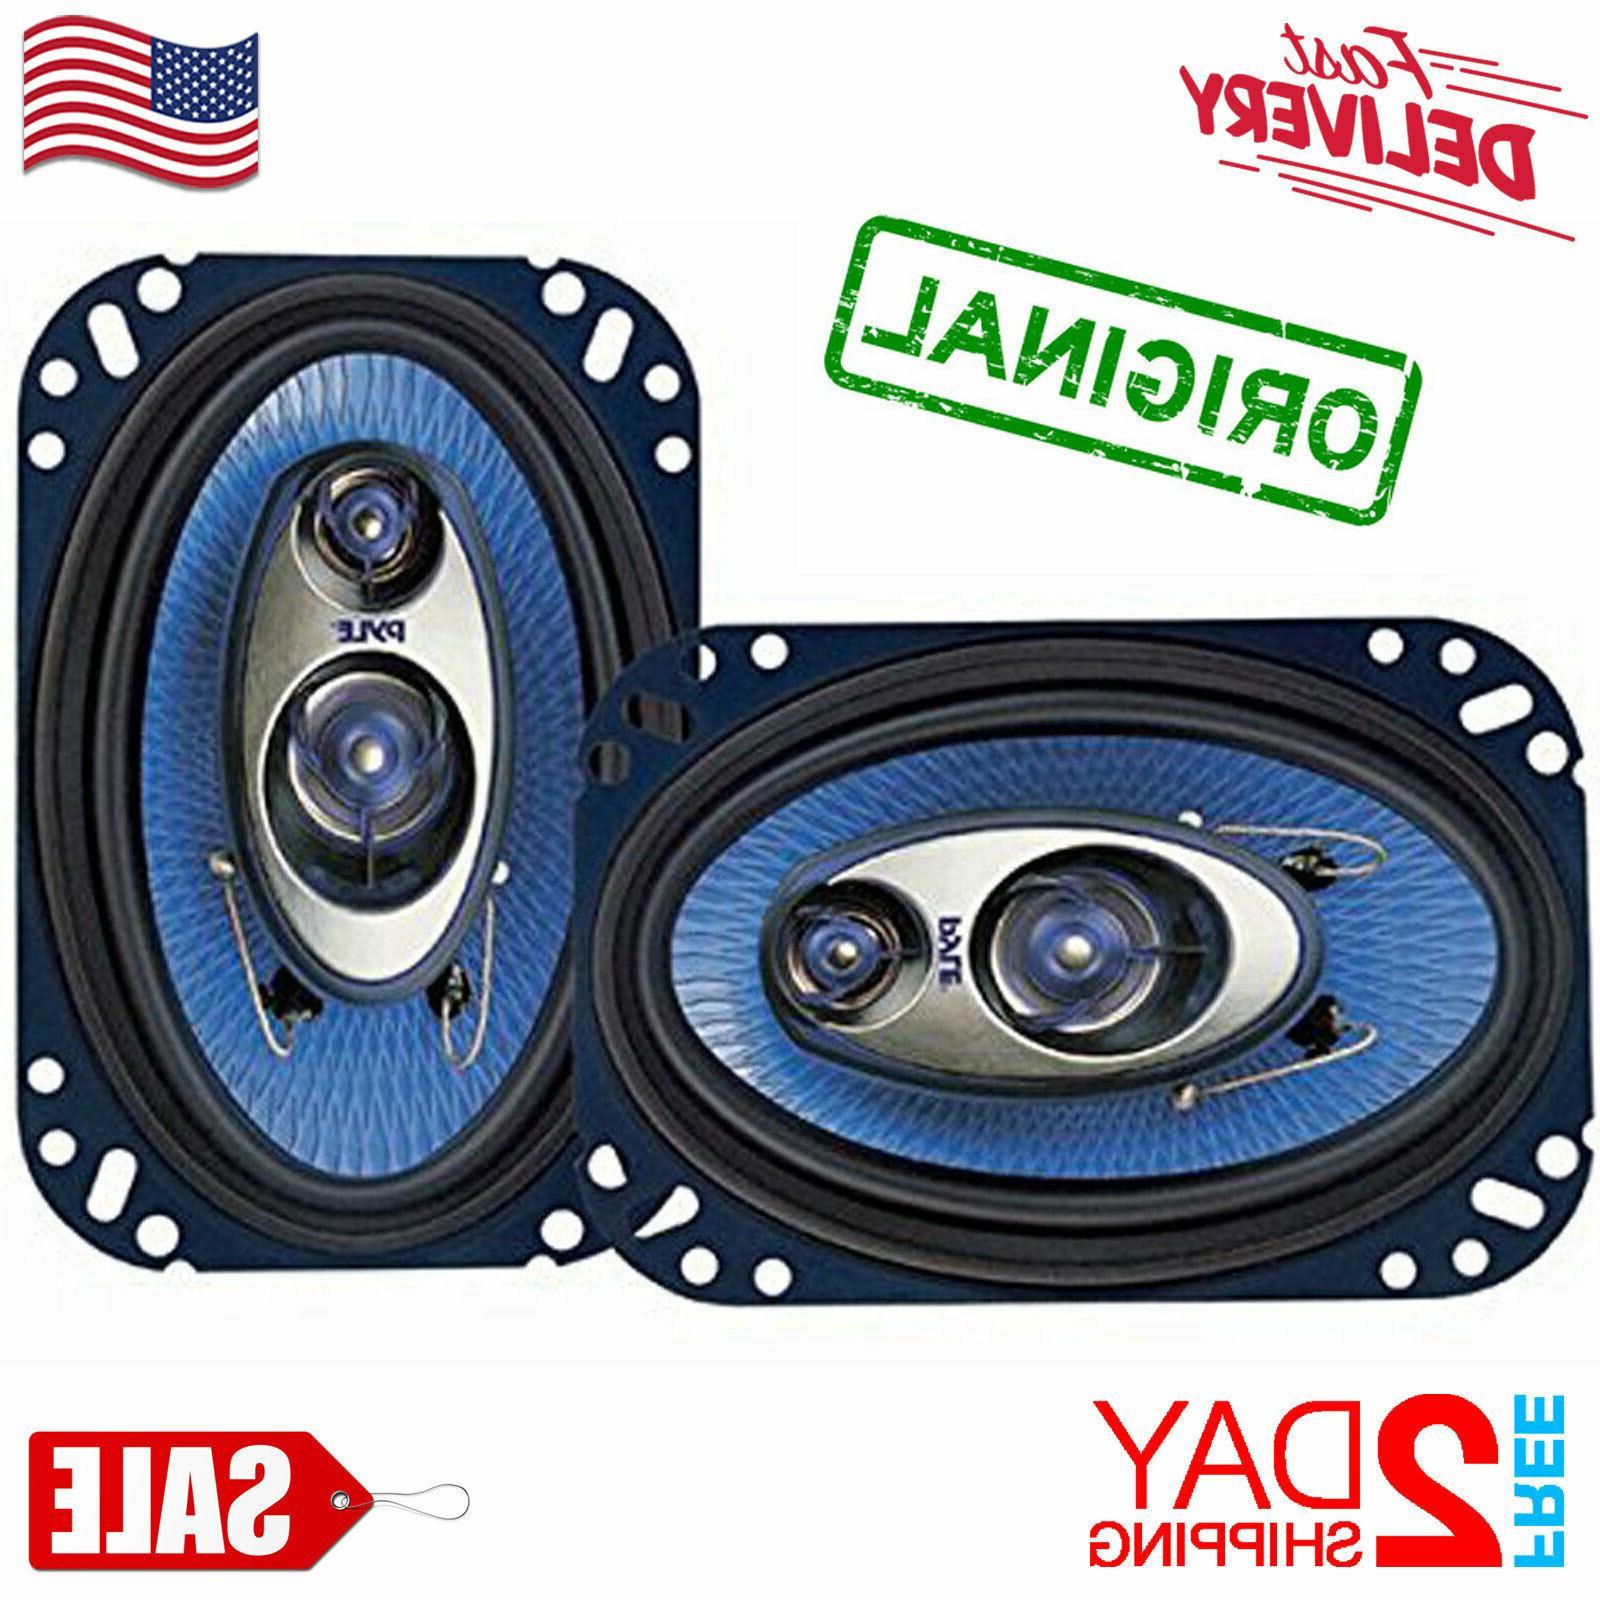 car speakers 4 x 6 240 watt